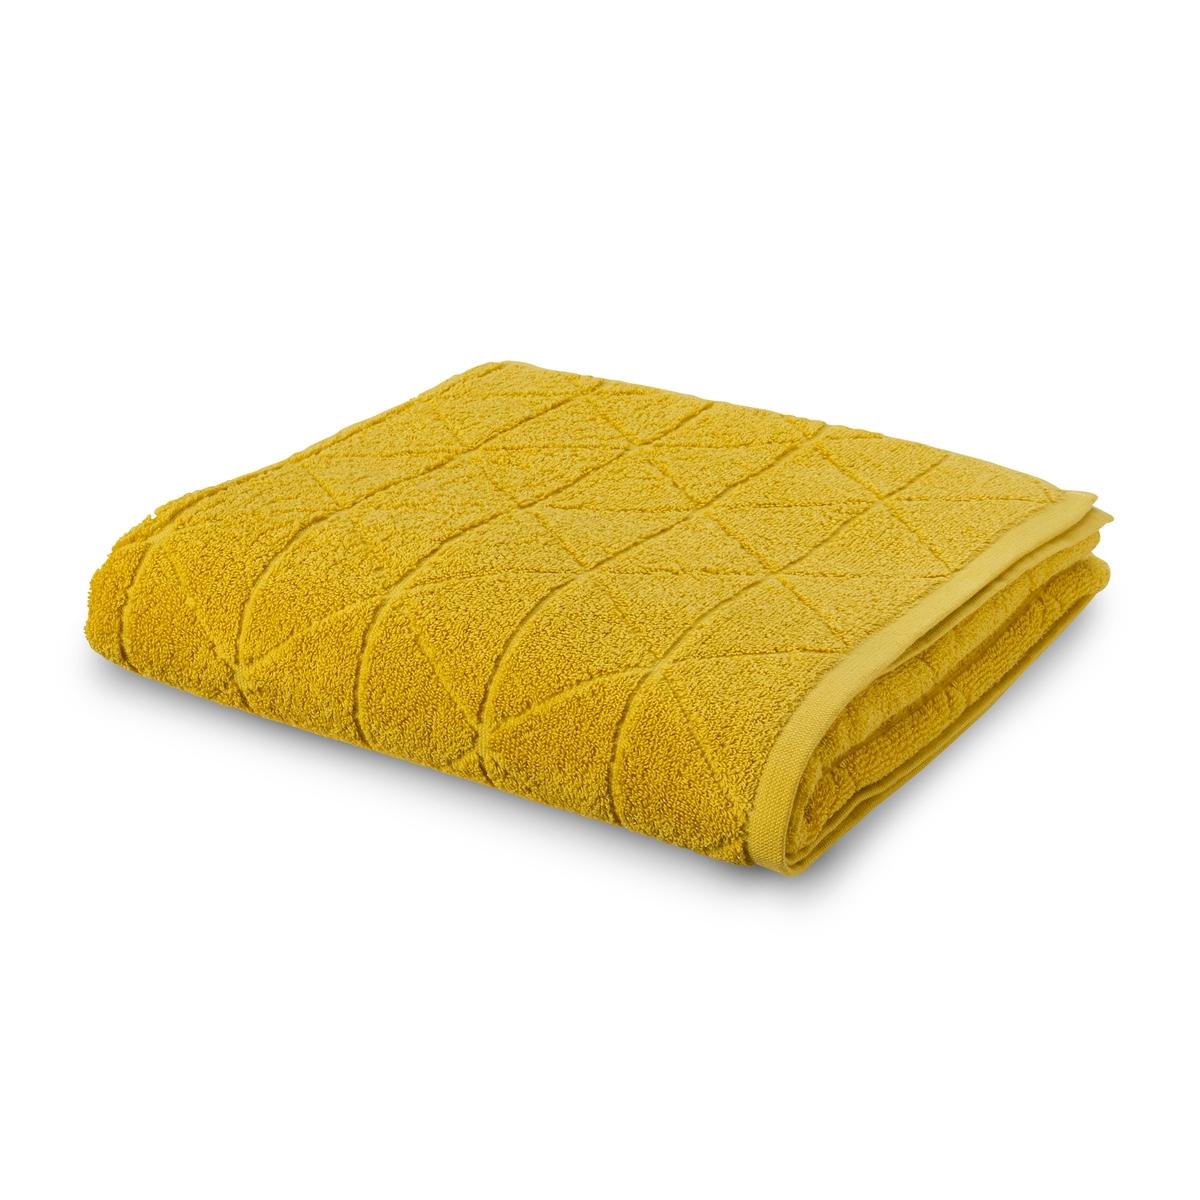 Полотенце La Redoute Для рук с узором гм SCENARIO 50 x 100 см желтый полотенце la redoute для рук из махровой ткани хлопок с люверсом единый размер бежевый